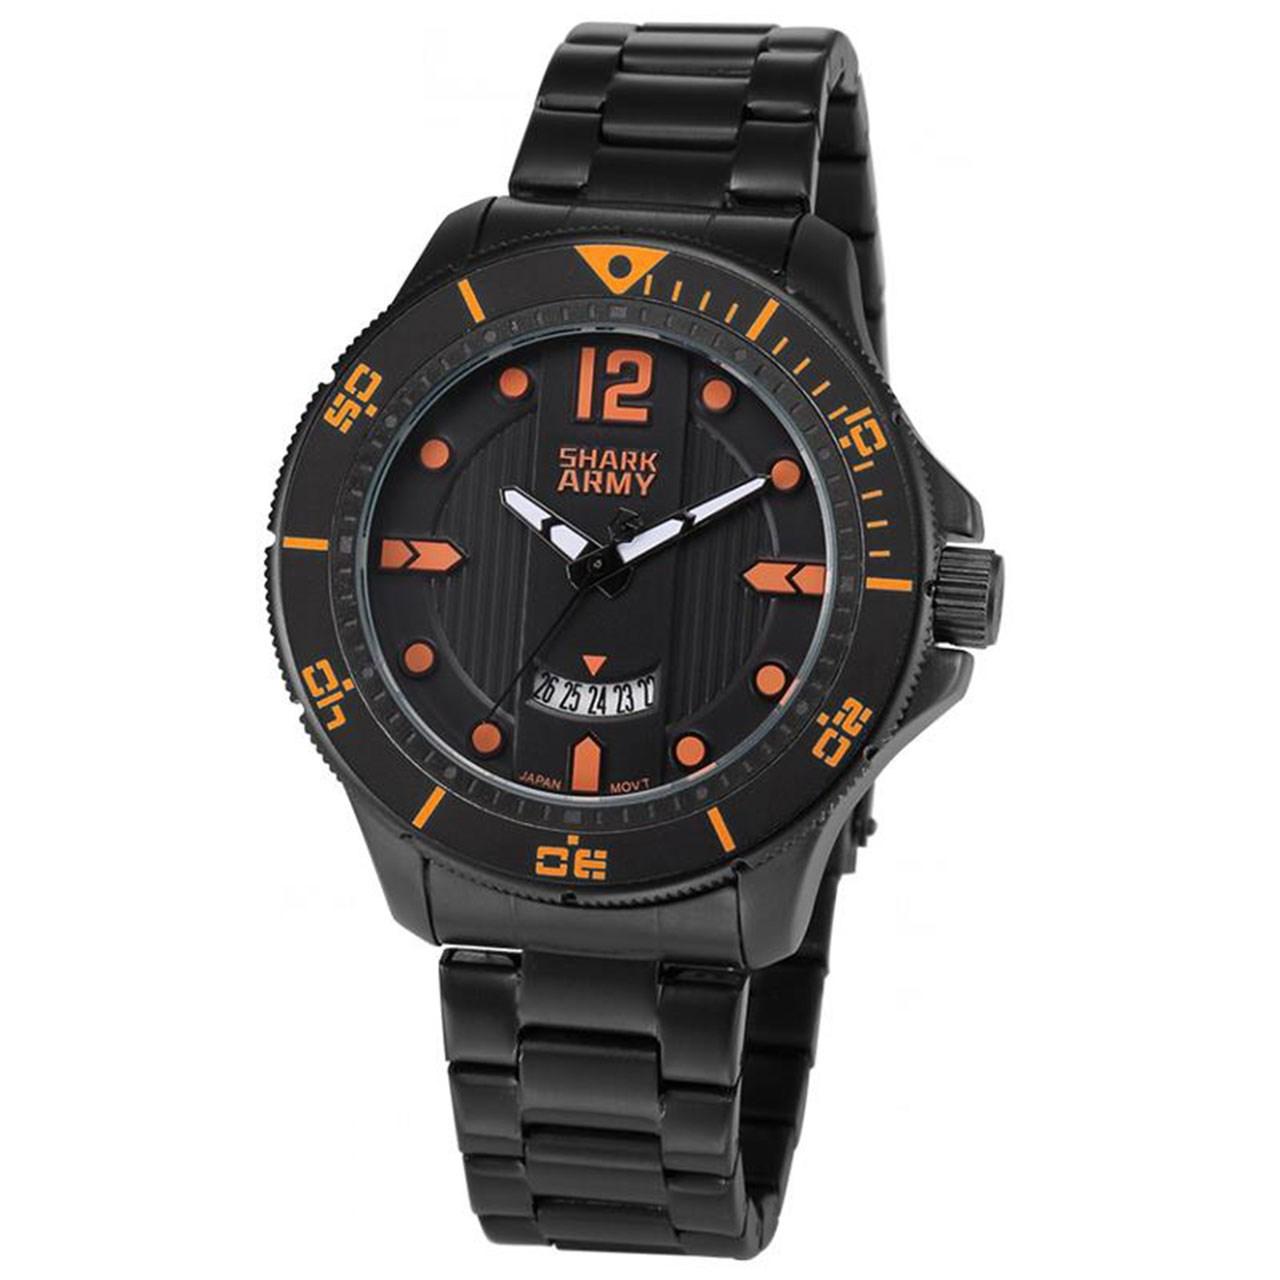 ساعت مچی عقربه ای مردانه شارک آرمی مدل SAW200 54